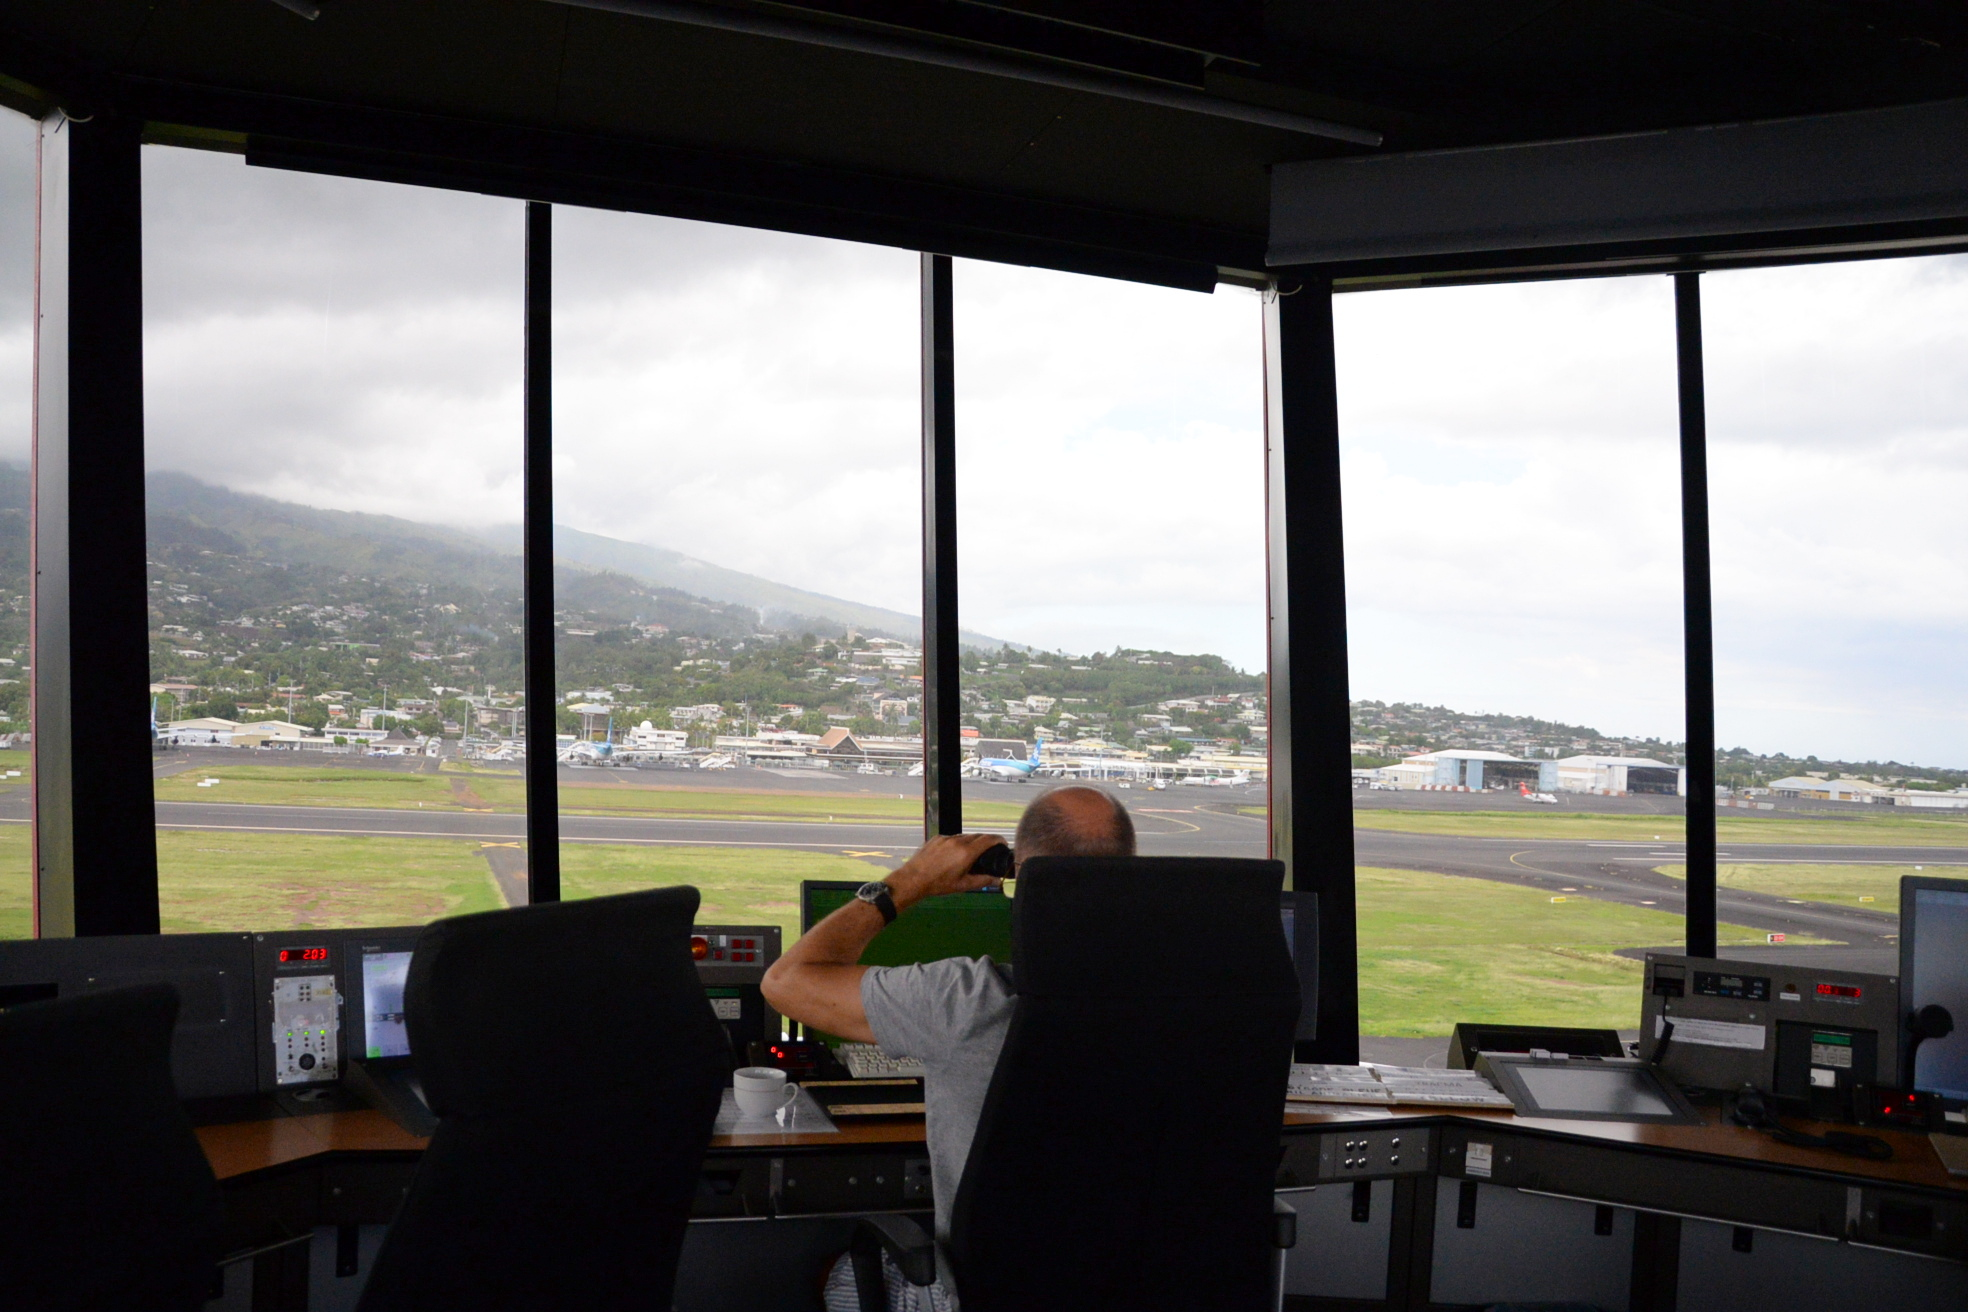 """Mieux comprendre le métier de contrôleur aérien : """" Assurer la sécurité des avions et la fluidité du trafic"""""""